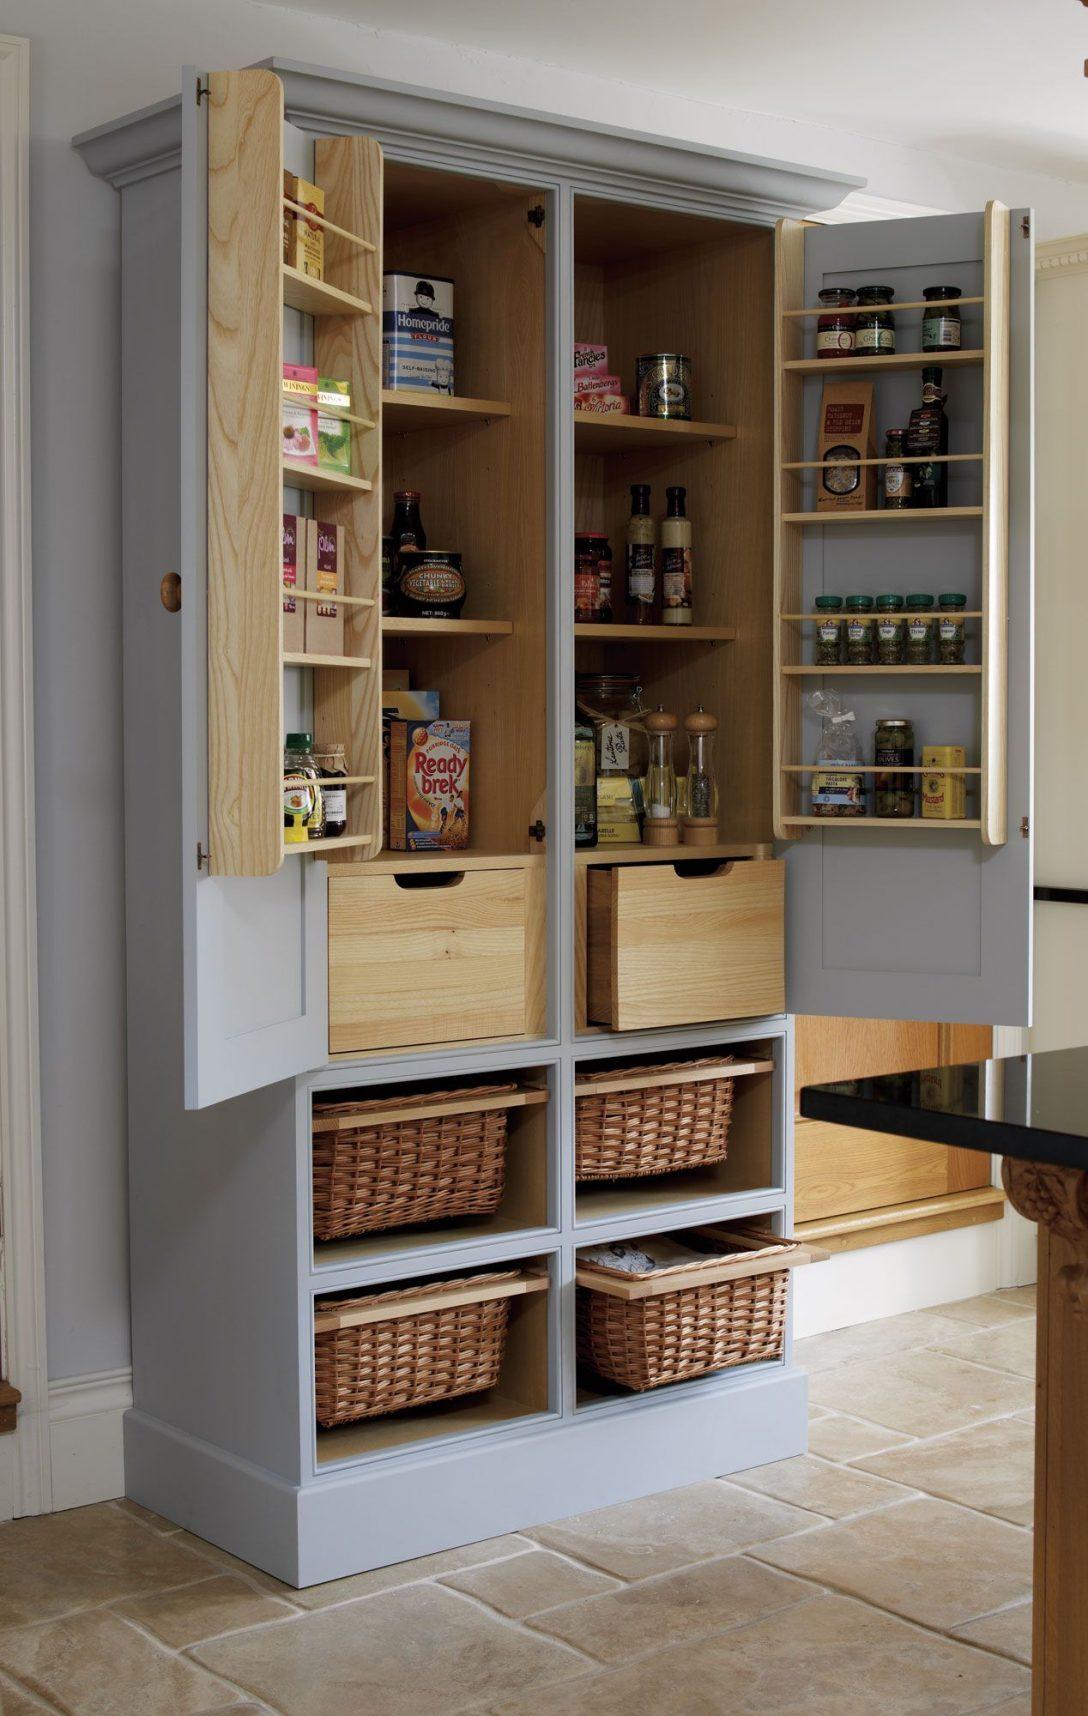 Large Size of Küche Freistehender Herd Freistehende Küchenschränke Freistehende Küchenmöbel Rückwand Freistehende Küche Küche Freistehende Küche